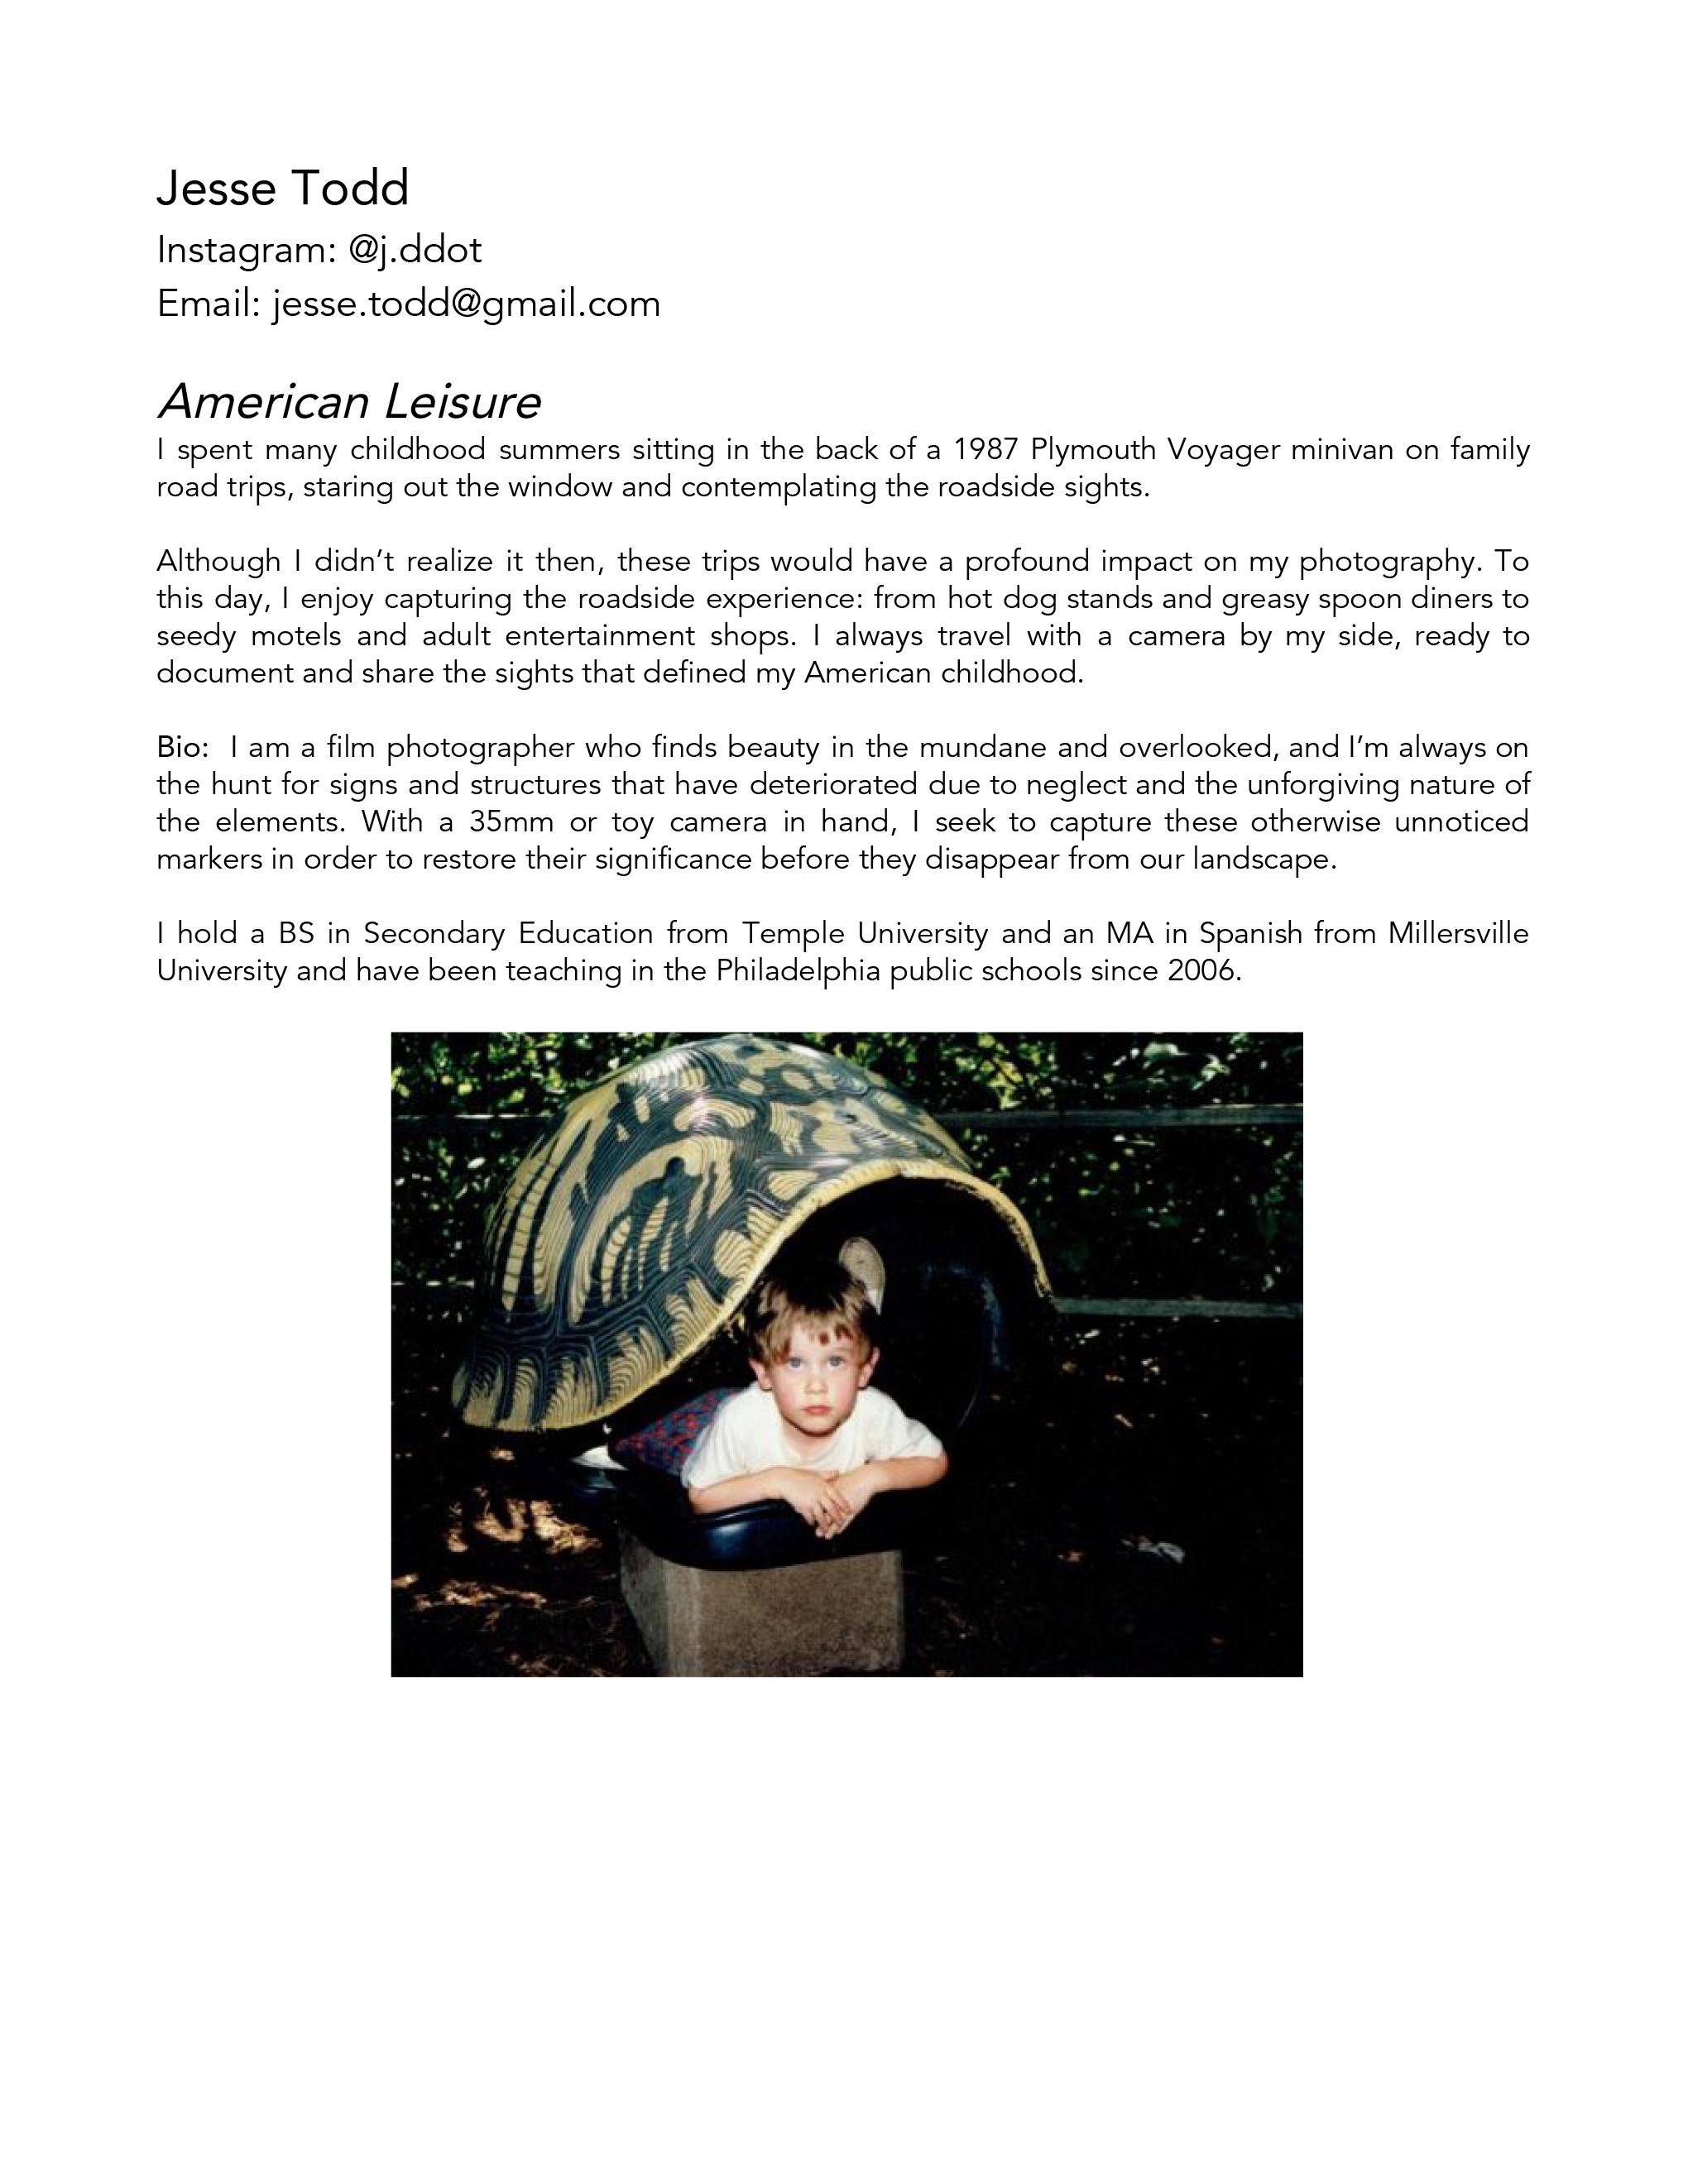 Jesse Todd Final Artist Bio and Statement.jpg